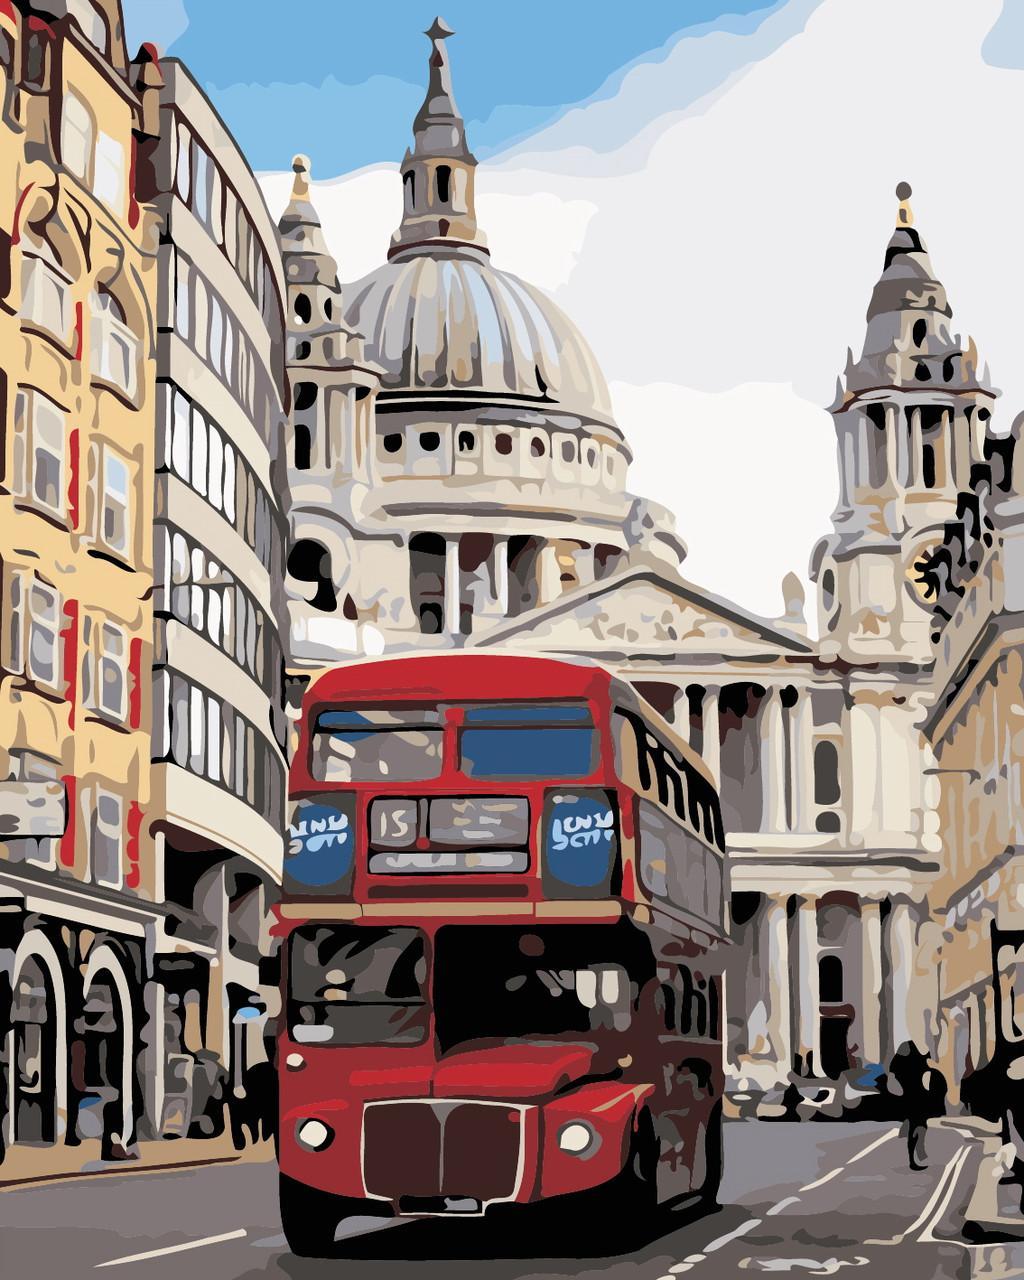 Художественный творческий набор, картина по номерам Лондонский автобус, 40x50 см, «Art Story» (AS0368)